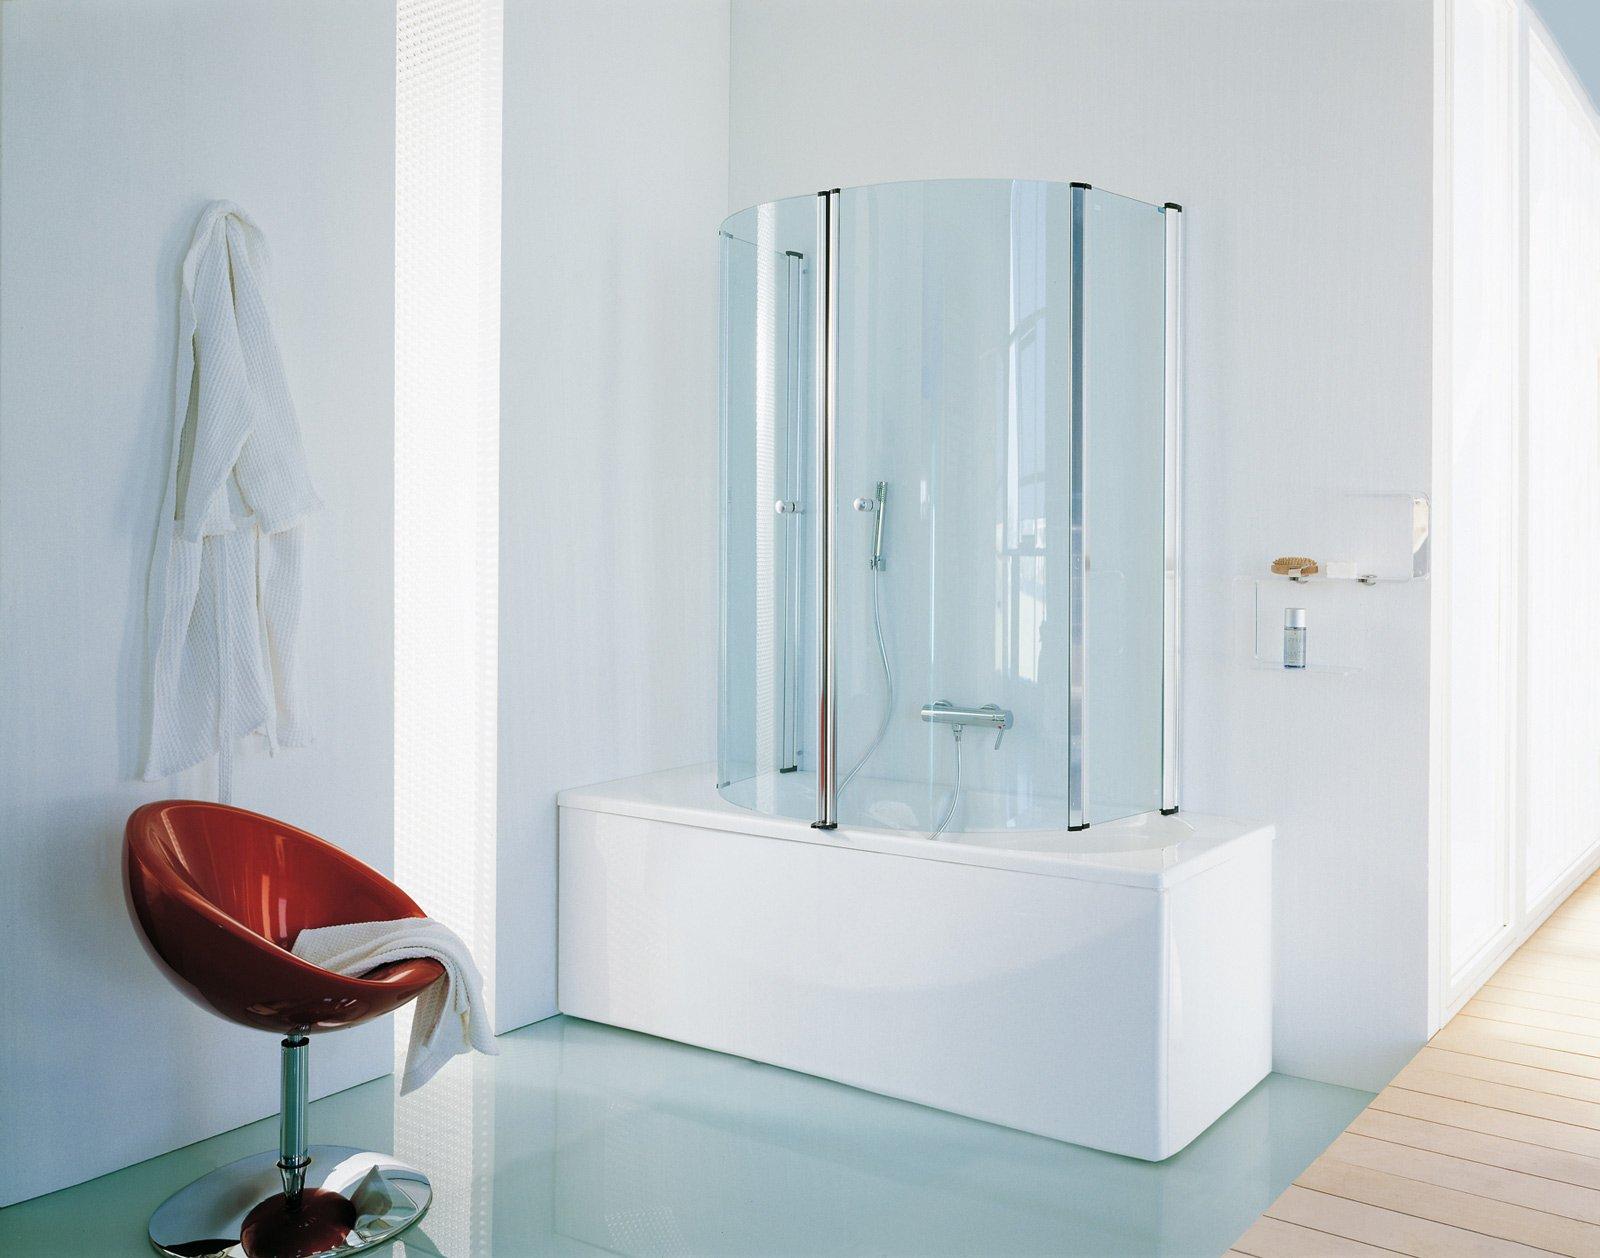 Vasca e doccia insieme cose di casa - Vasca bagno con doccia ...